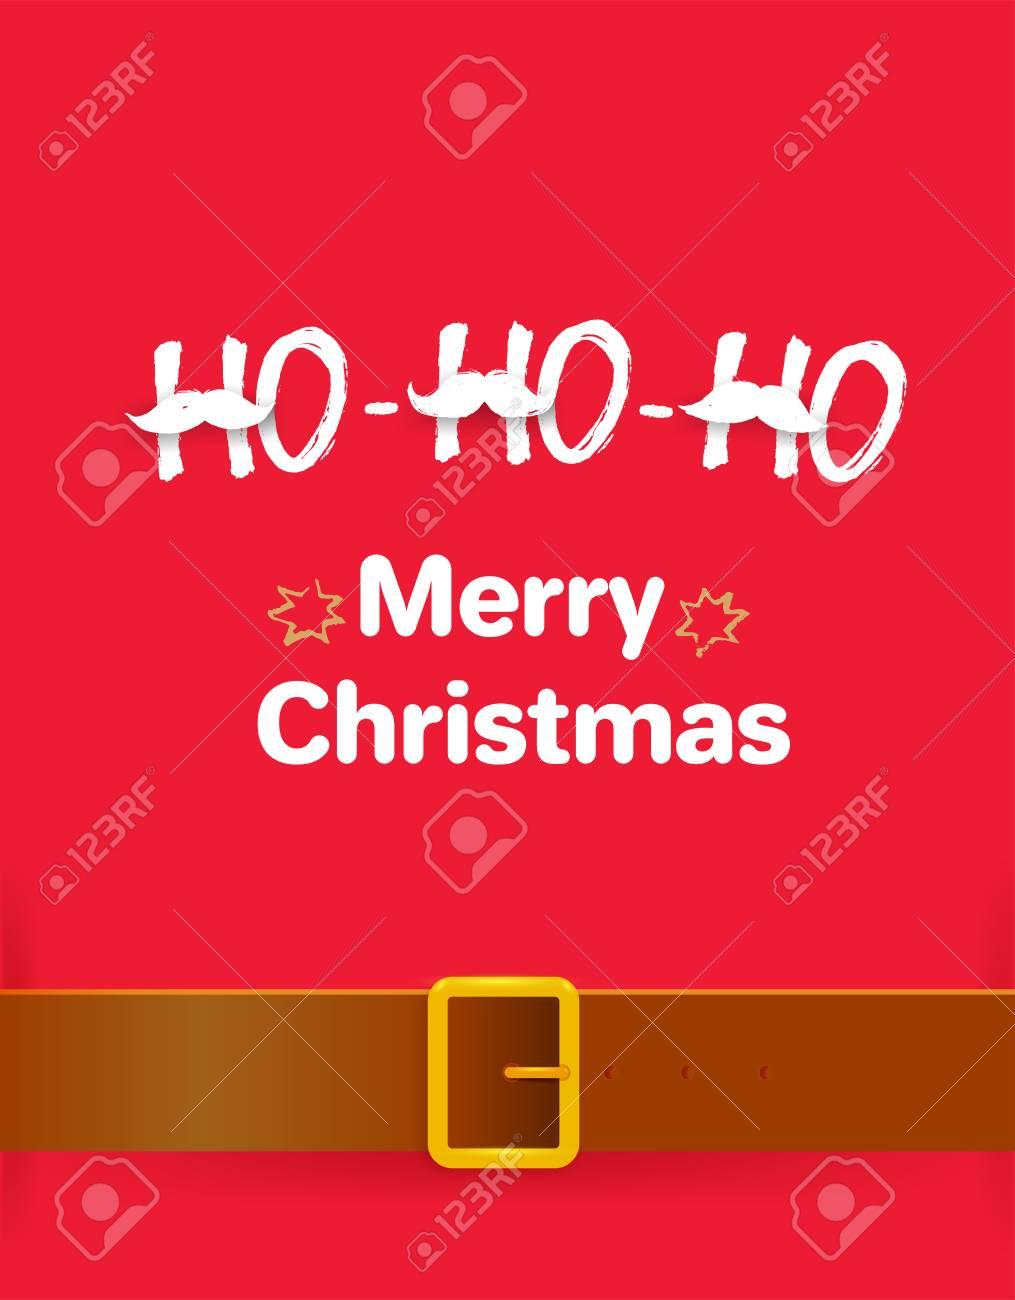 Ho Ho Ho Merry Christmas.Merry Christmas Greeting Card With Calligraphy Ho Ho Ho Freehand